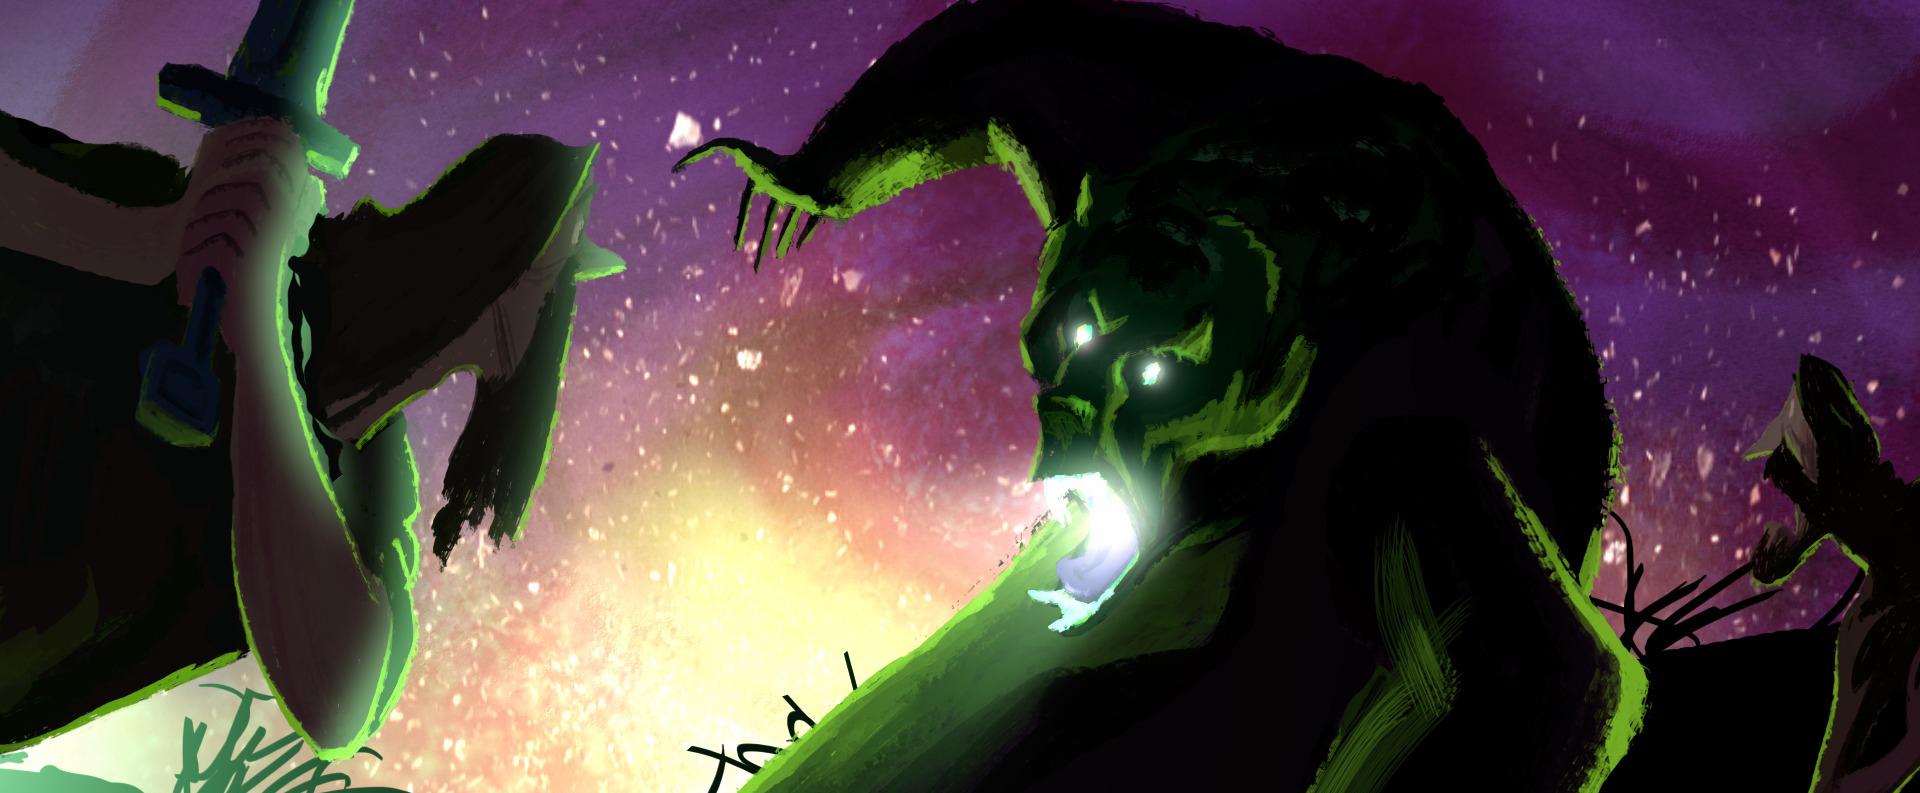 pixar disney artwork concept art légende legend mor'du